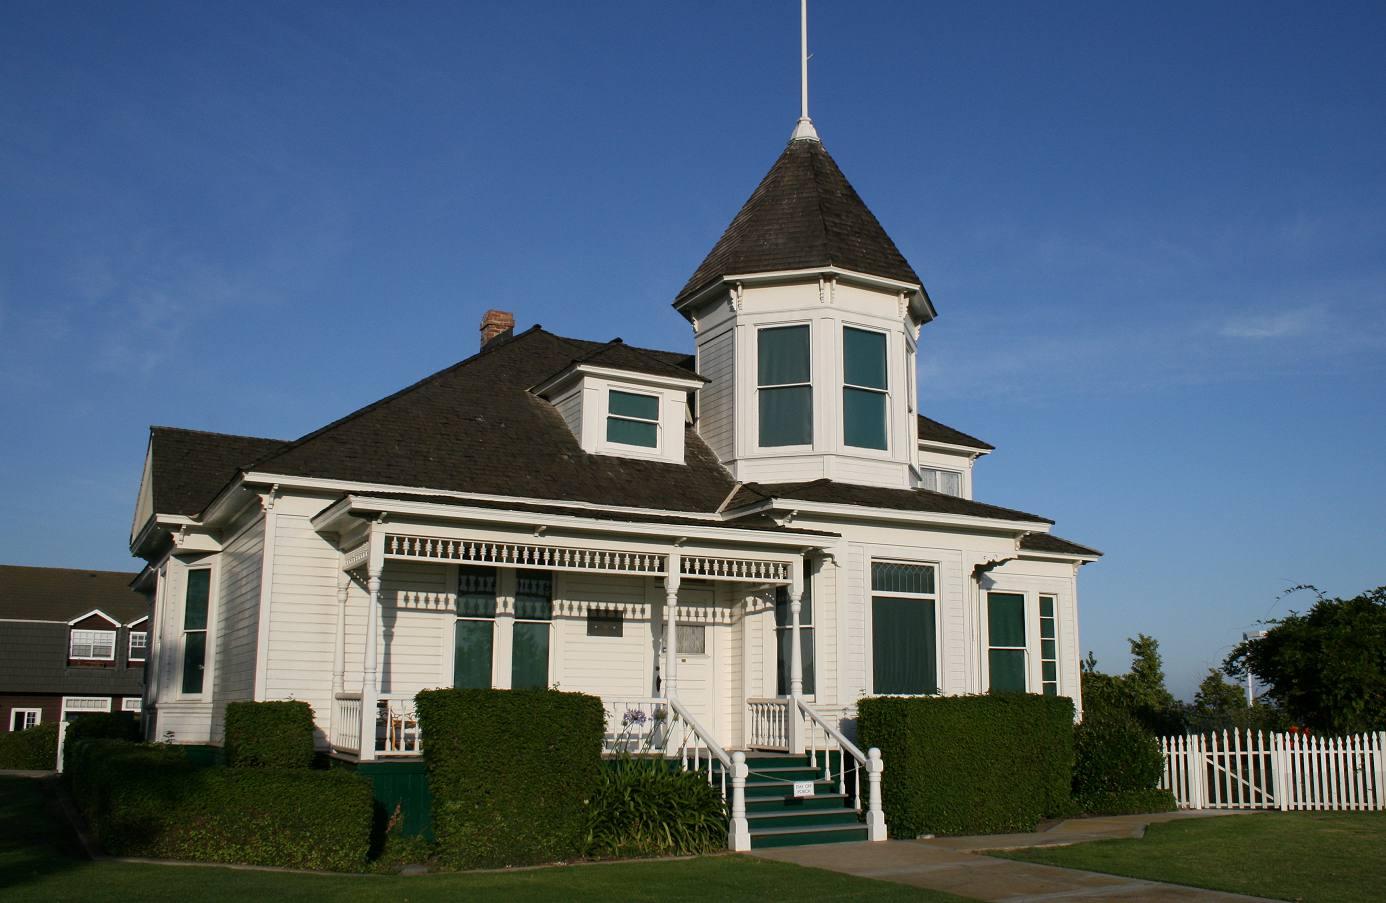 Newland House in Huntington Beach